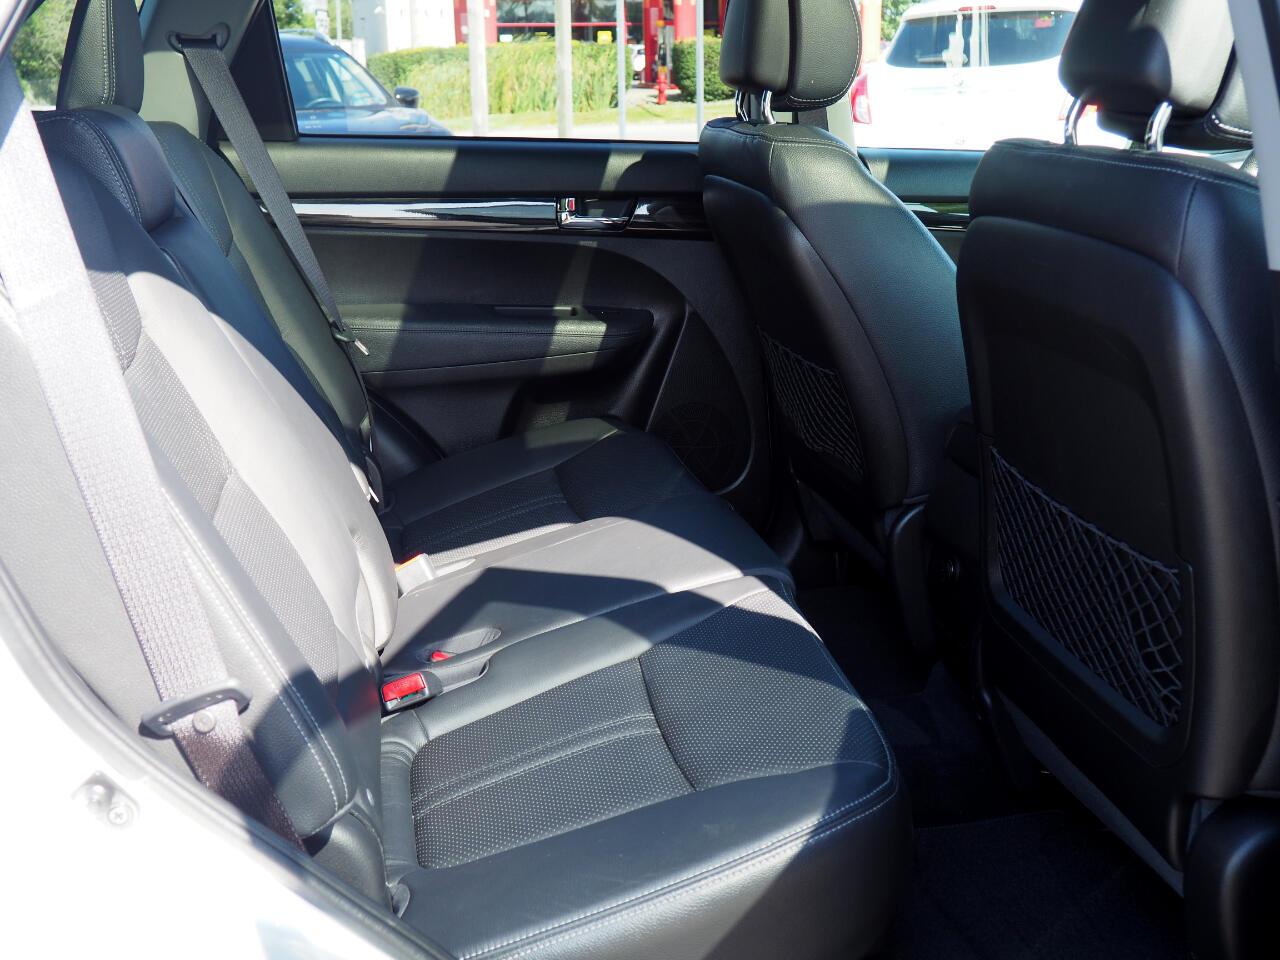 2011 Kia Sorento AWD 4dr V6 EX